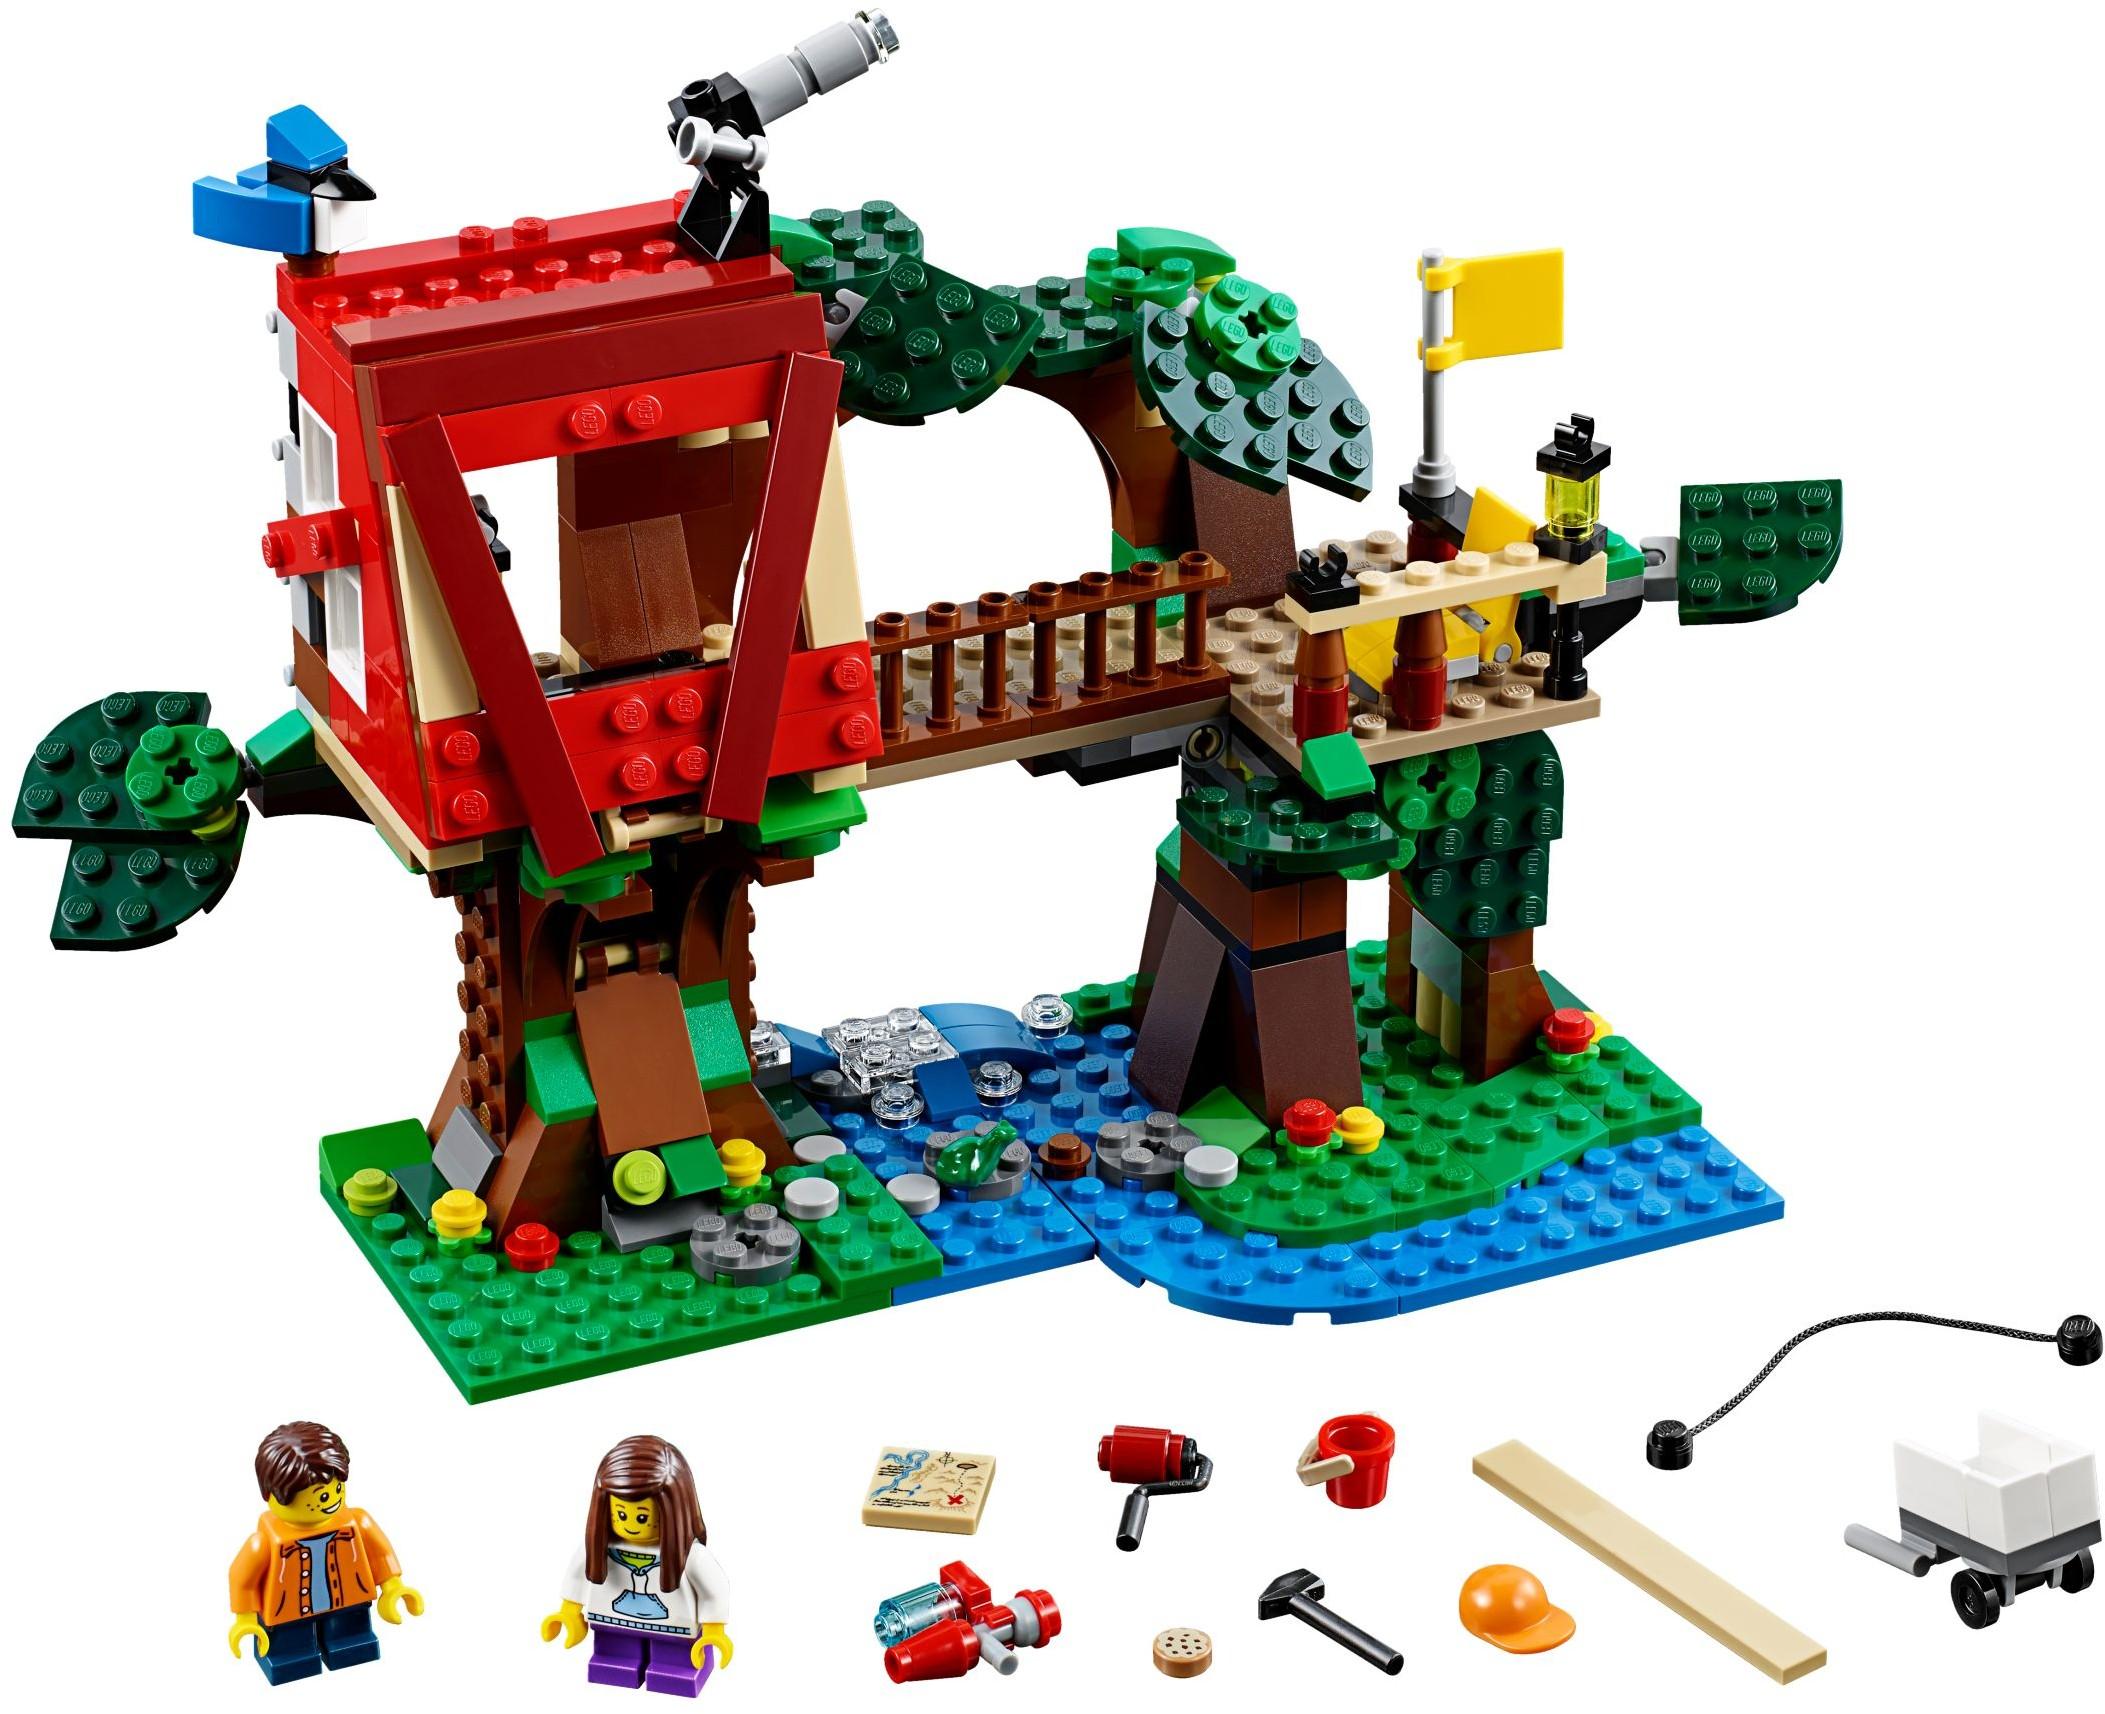 http://images.brickset.com/sets/large/31053-1.jpg?201604090113